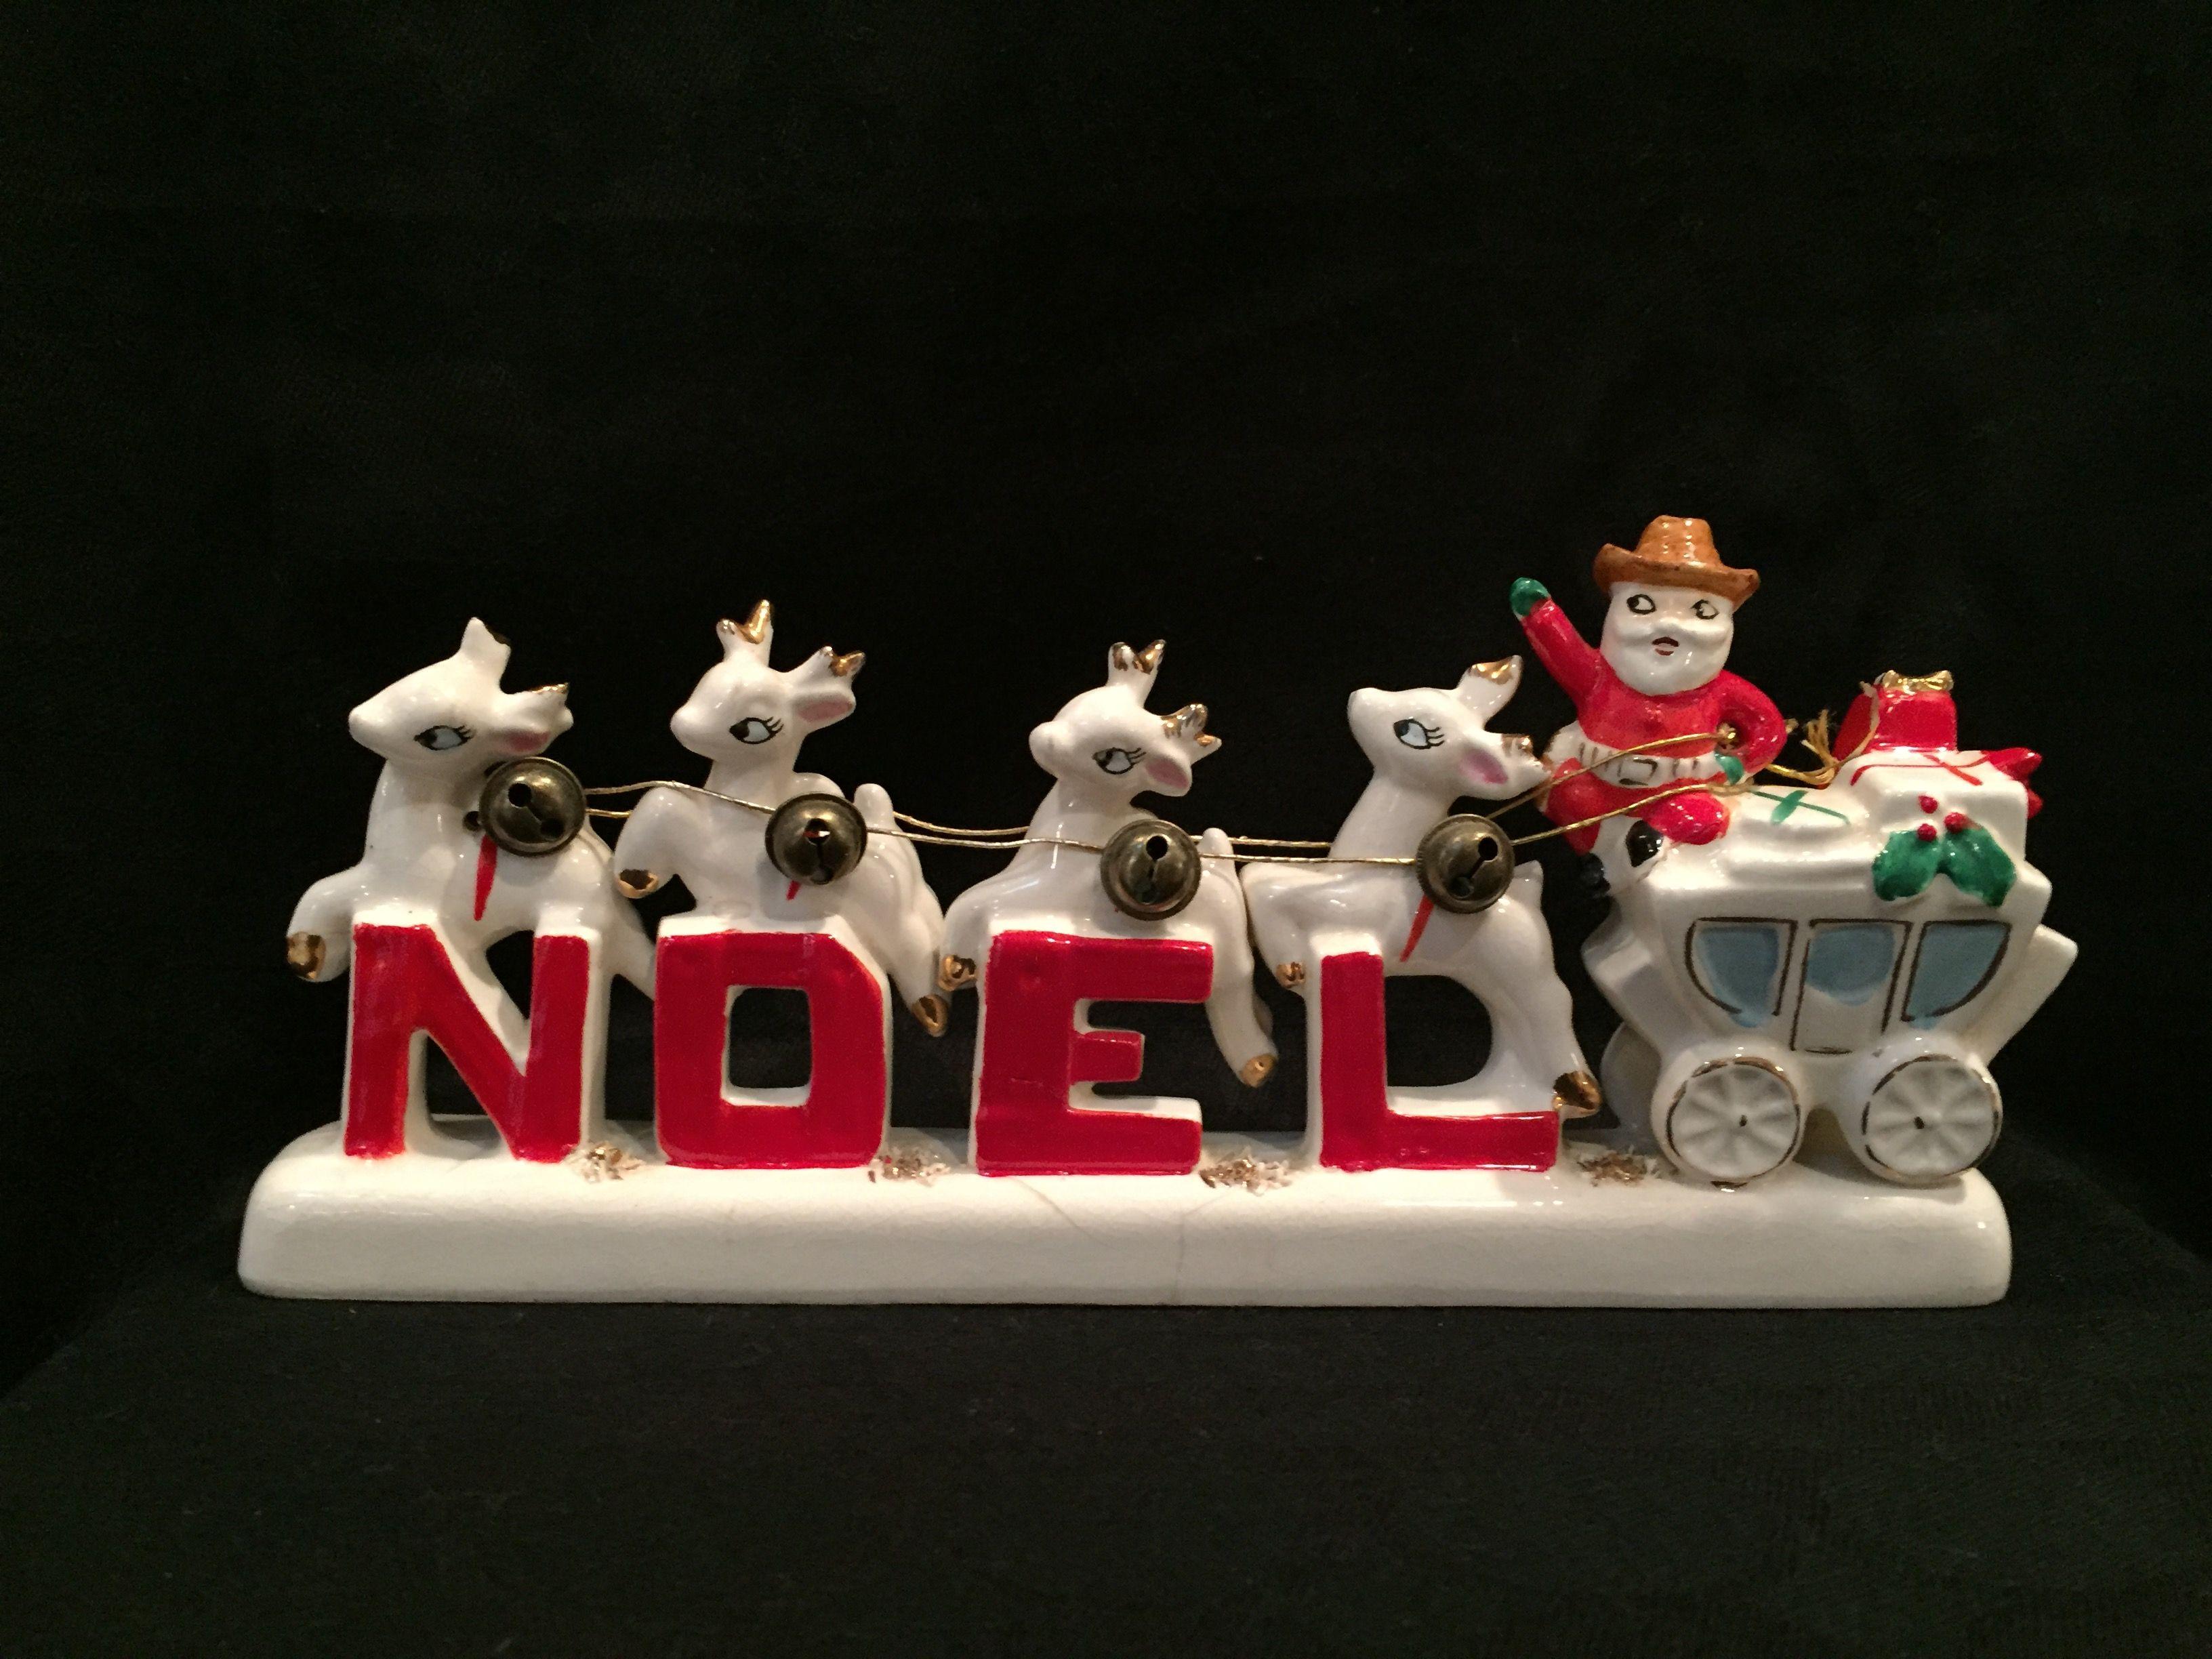 Vintage cowboy santa and reindeers noel figurine vintage christmas